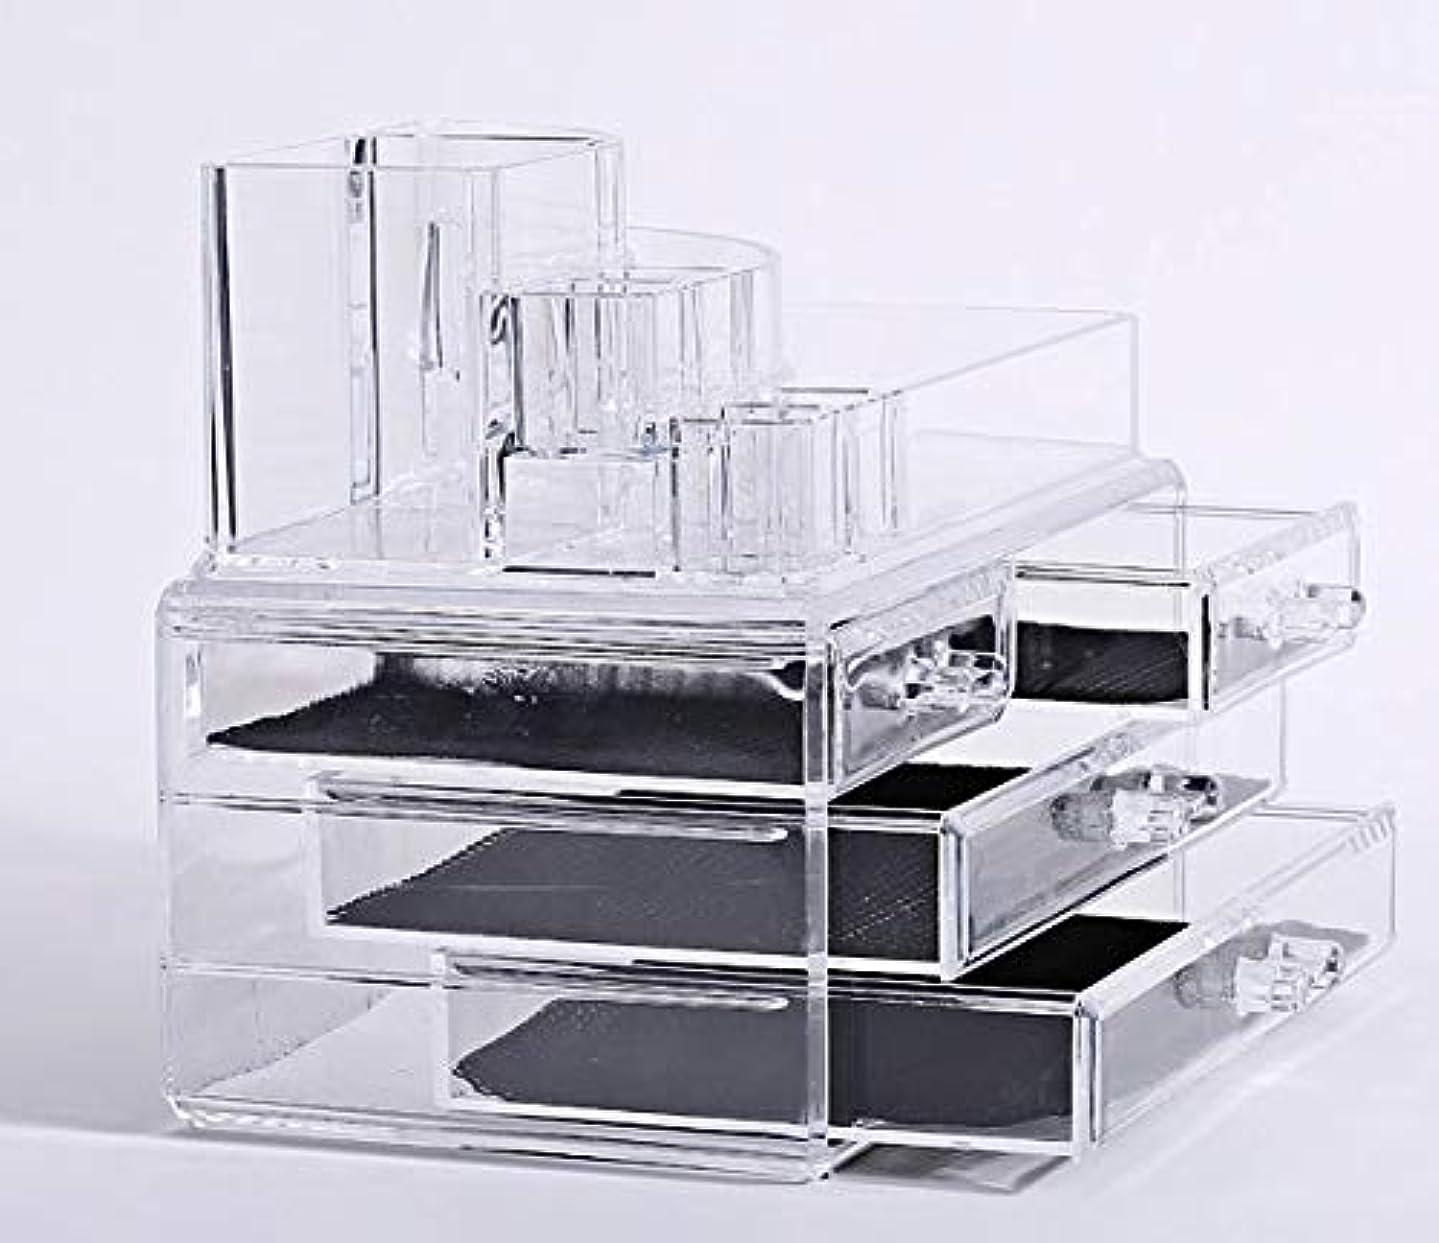 ネックレットケーキ日の出化粧品収納ボックス メイクケース メイクボックス コスメボックス 騒音なし 防塵 高透明度 強い耐久性 整理簡単 引き出し小物